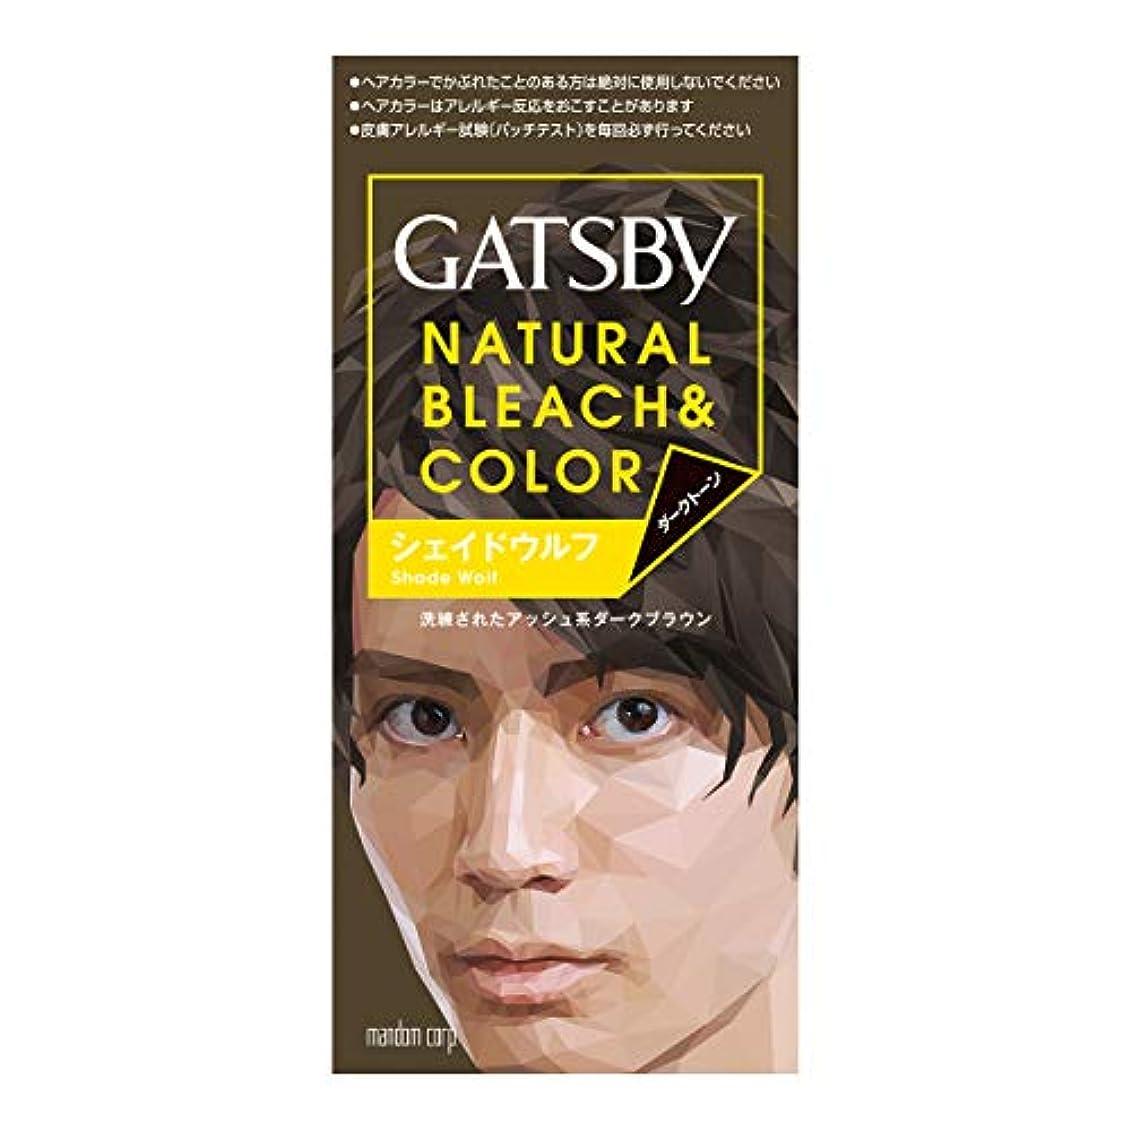 勝利したサラミブランチGATSBY(ギャツビー) ナチュラルブリーチカラー シェイドウルフ 1剤35g 2剤70mL (医薬部外品)